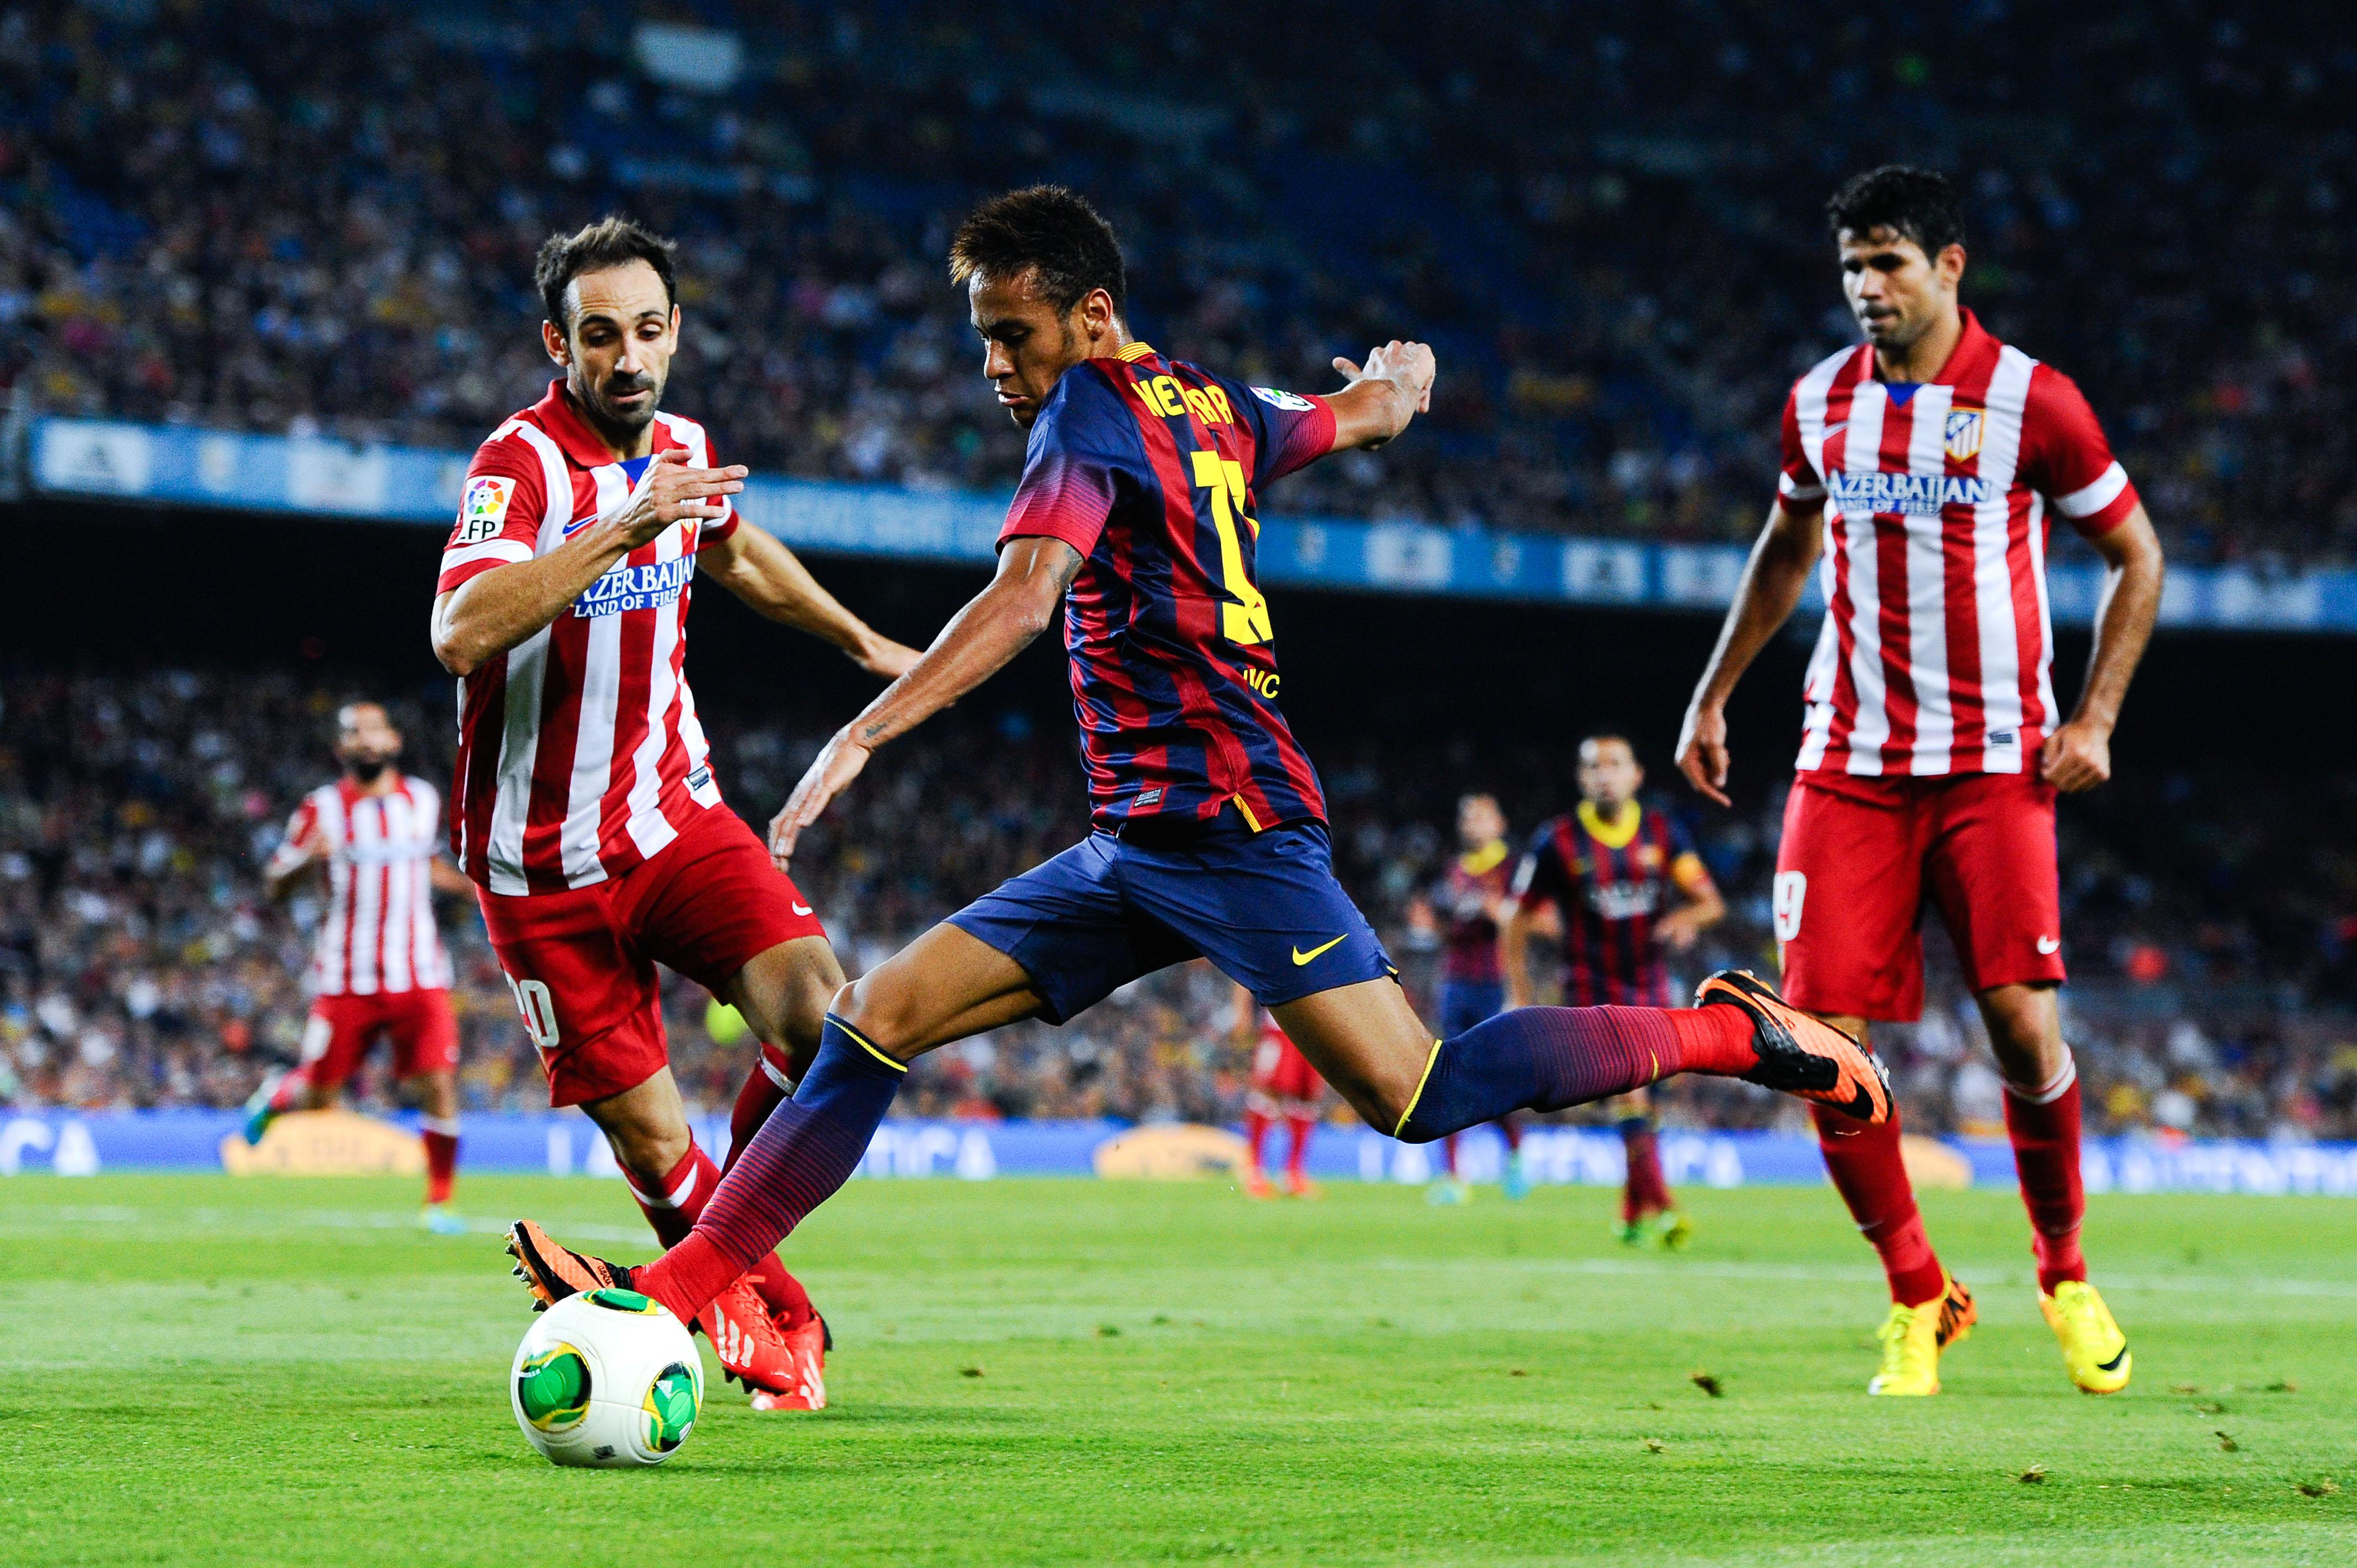 Барселона ювентус прямая трансляция смотреть онлайн бесплатно